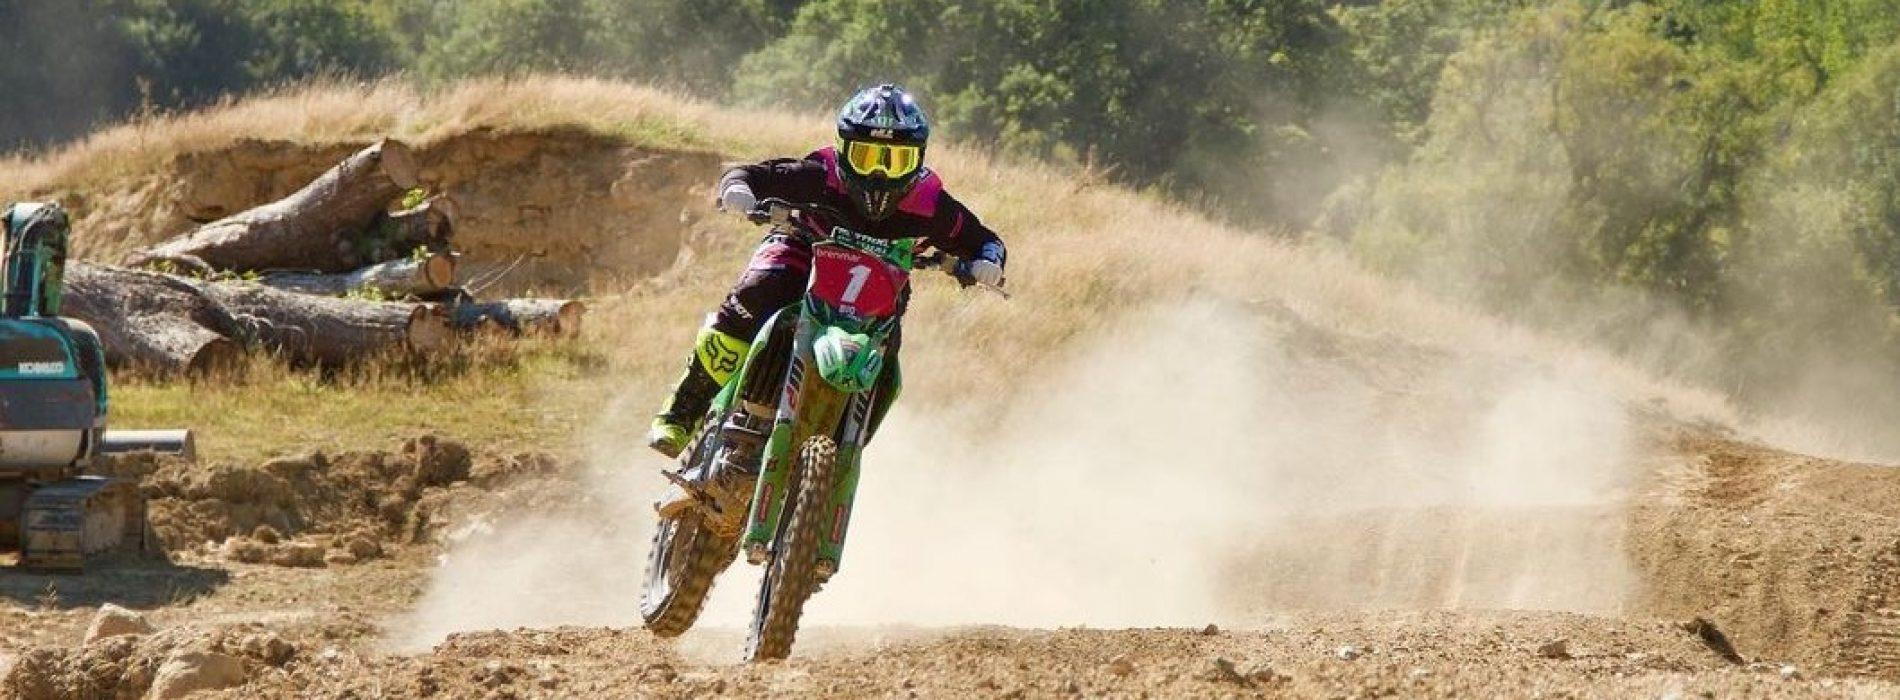 Women's Motocross World Championship 2021- Courtney Duncan